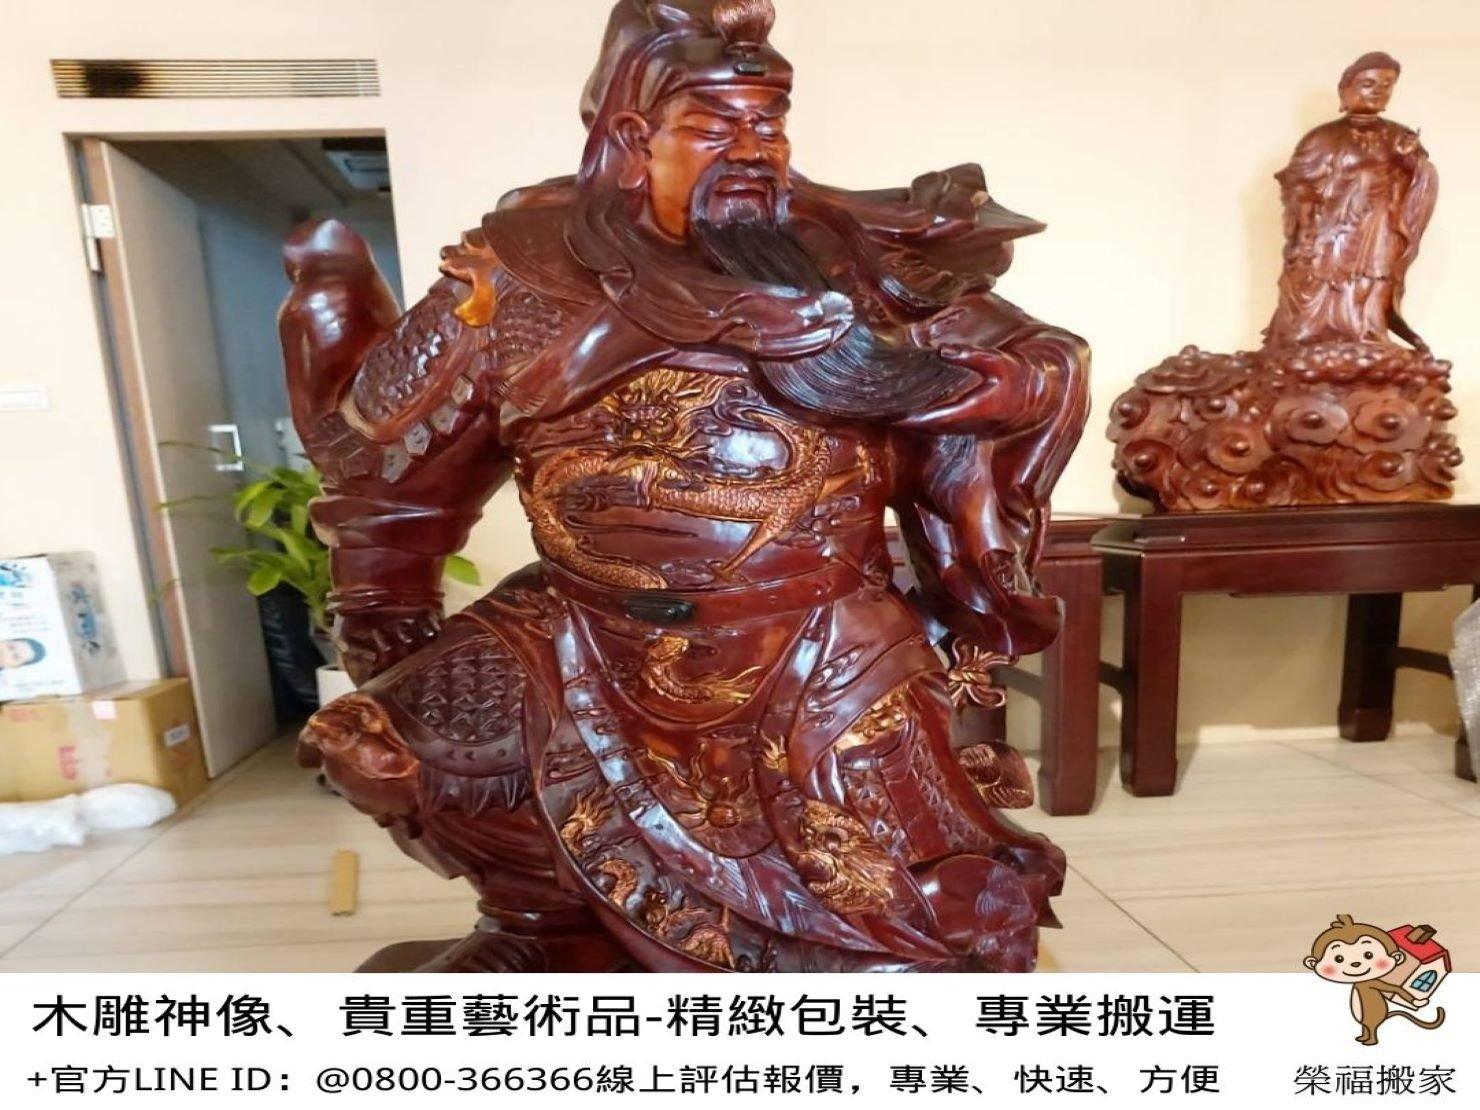 【精緻搬家實錄】尊貴木雕刻藝術品、神像如何於包裝防護下進行安全搬運?看榮福搬家包裝專業團隊以細膩手法包裝搬運吧!